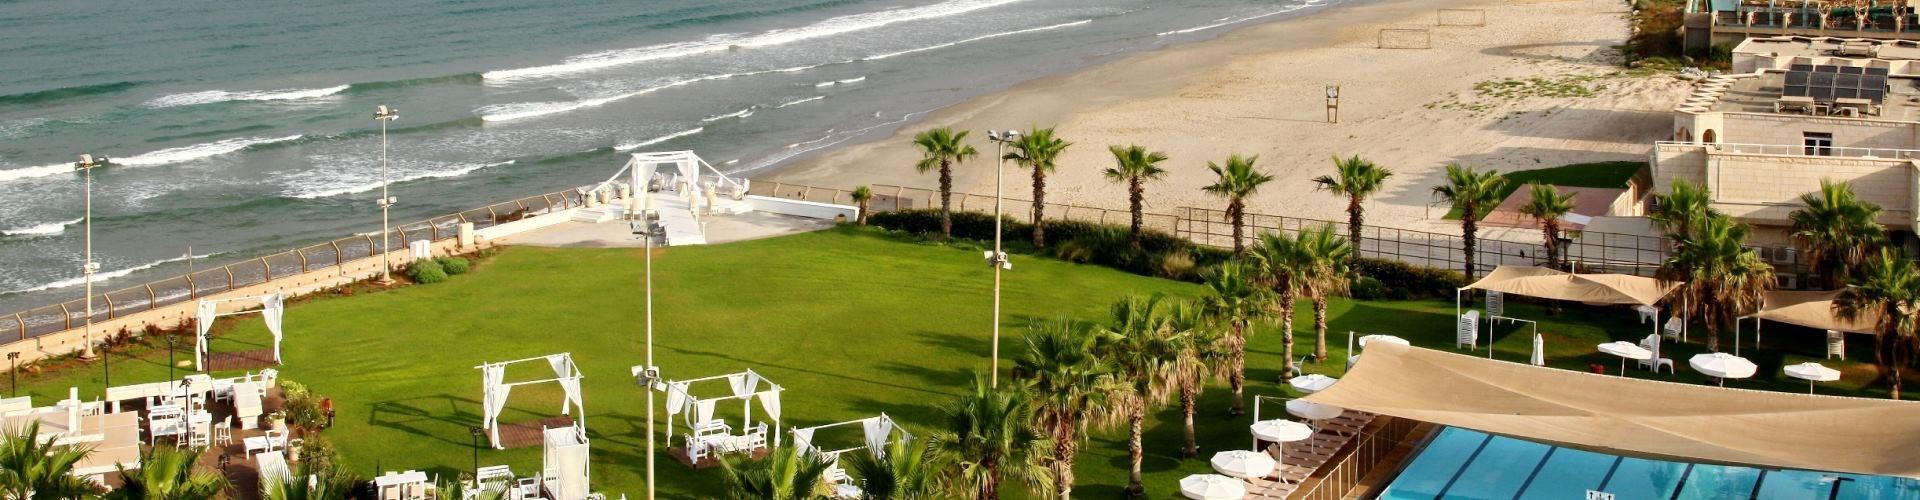 מלון חוף התמרים עכו - צור קשר